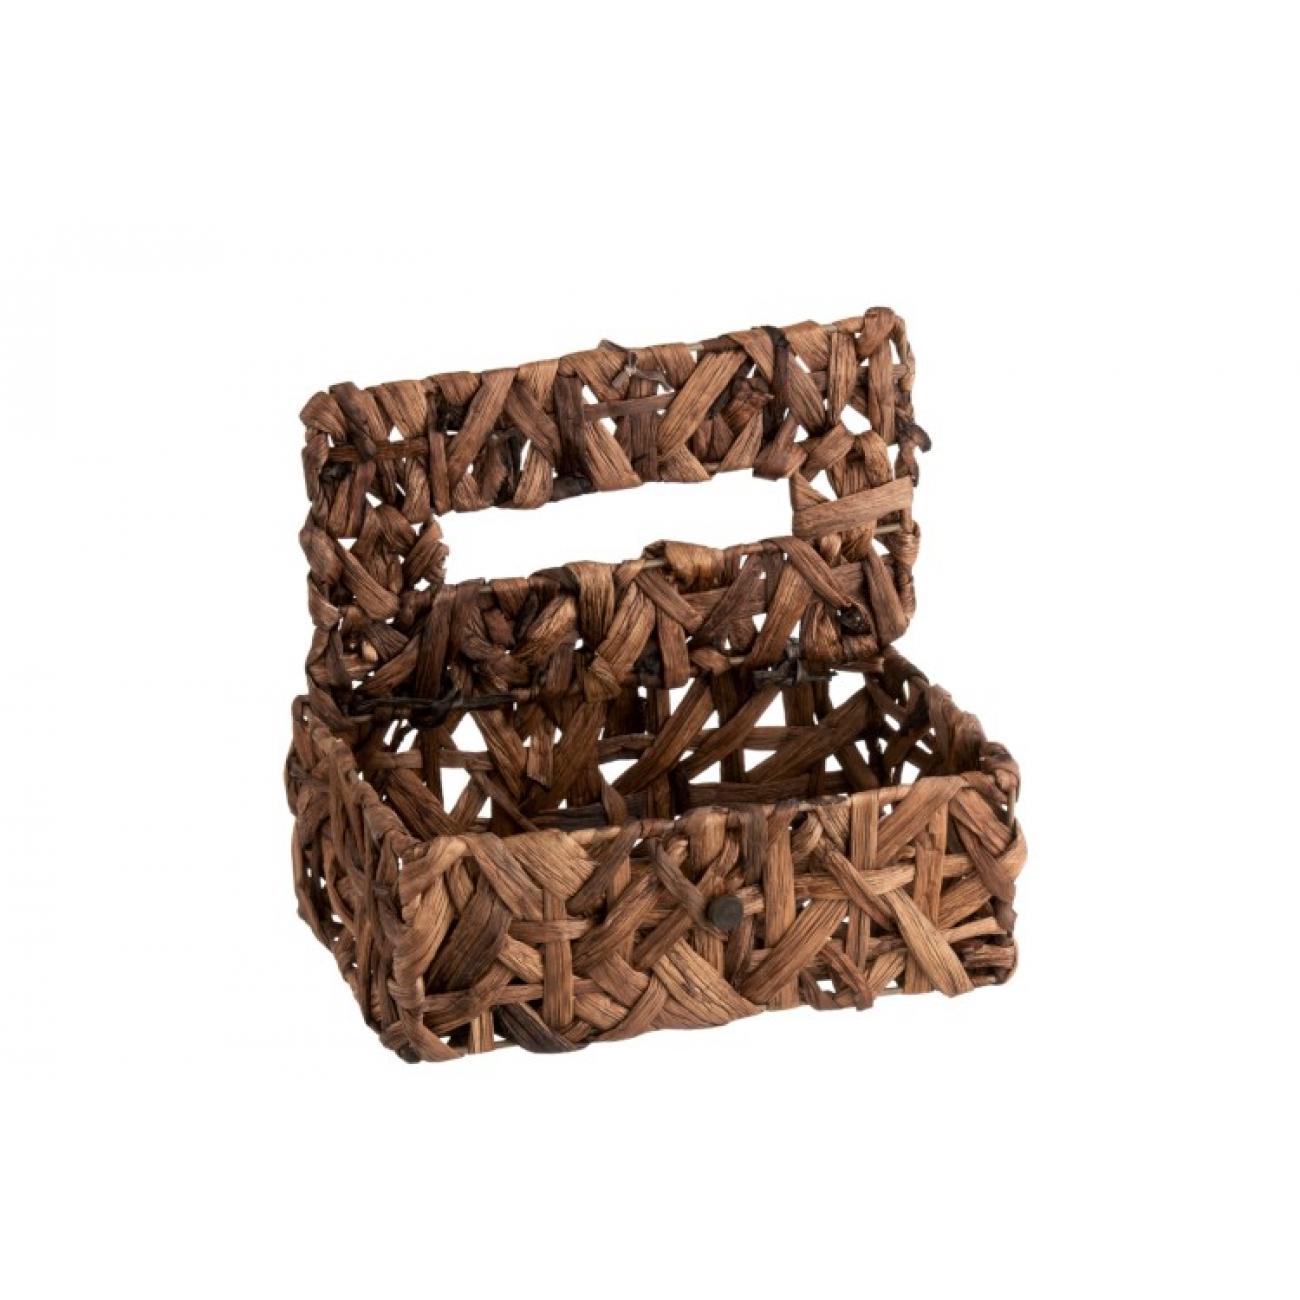 Салфетница  J-LINE темно-коричневая из натуральных материалов